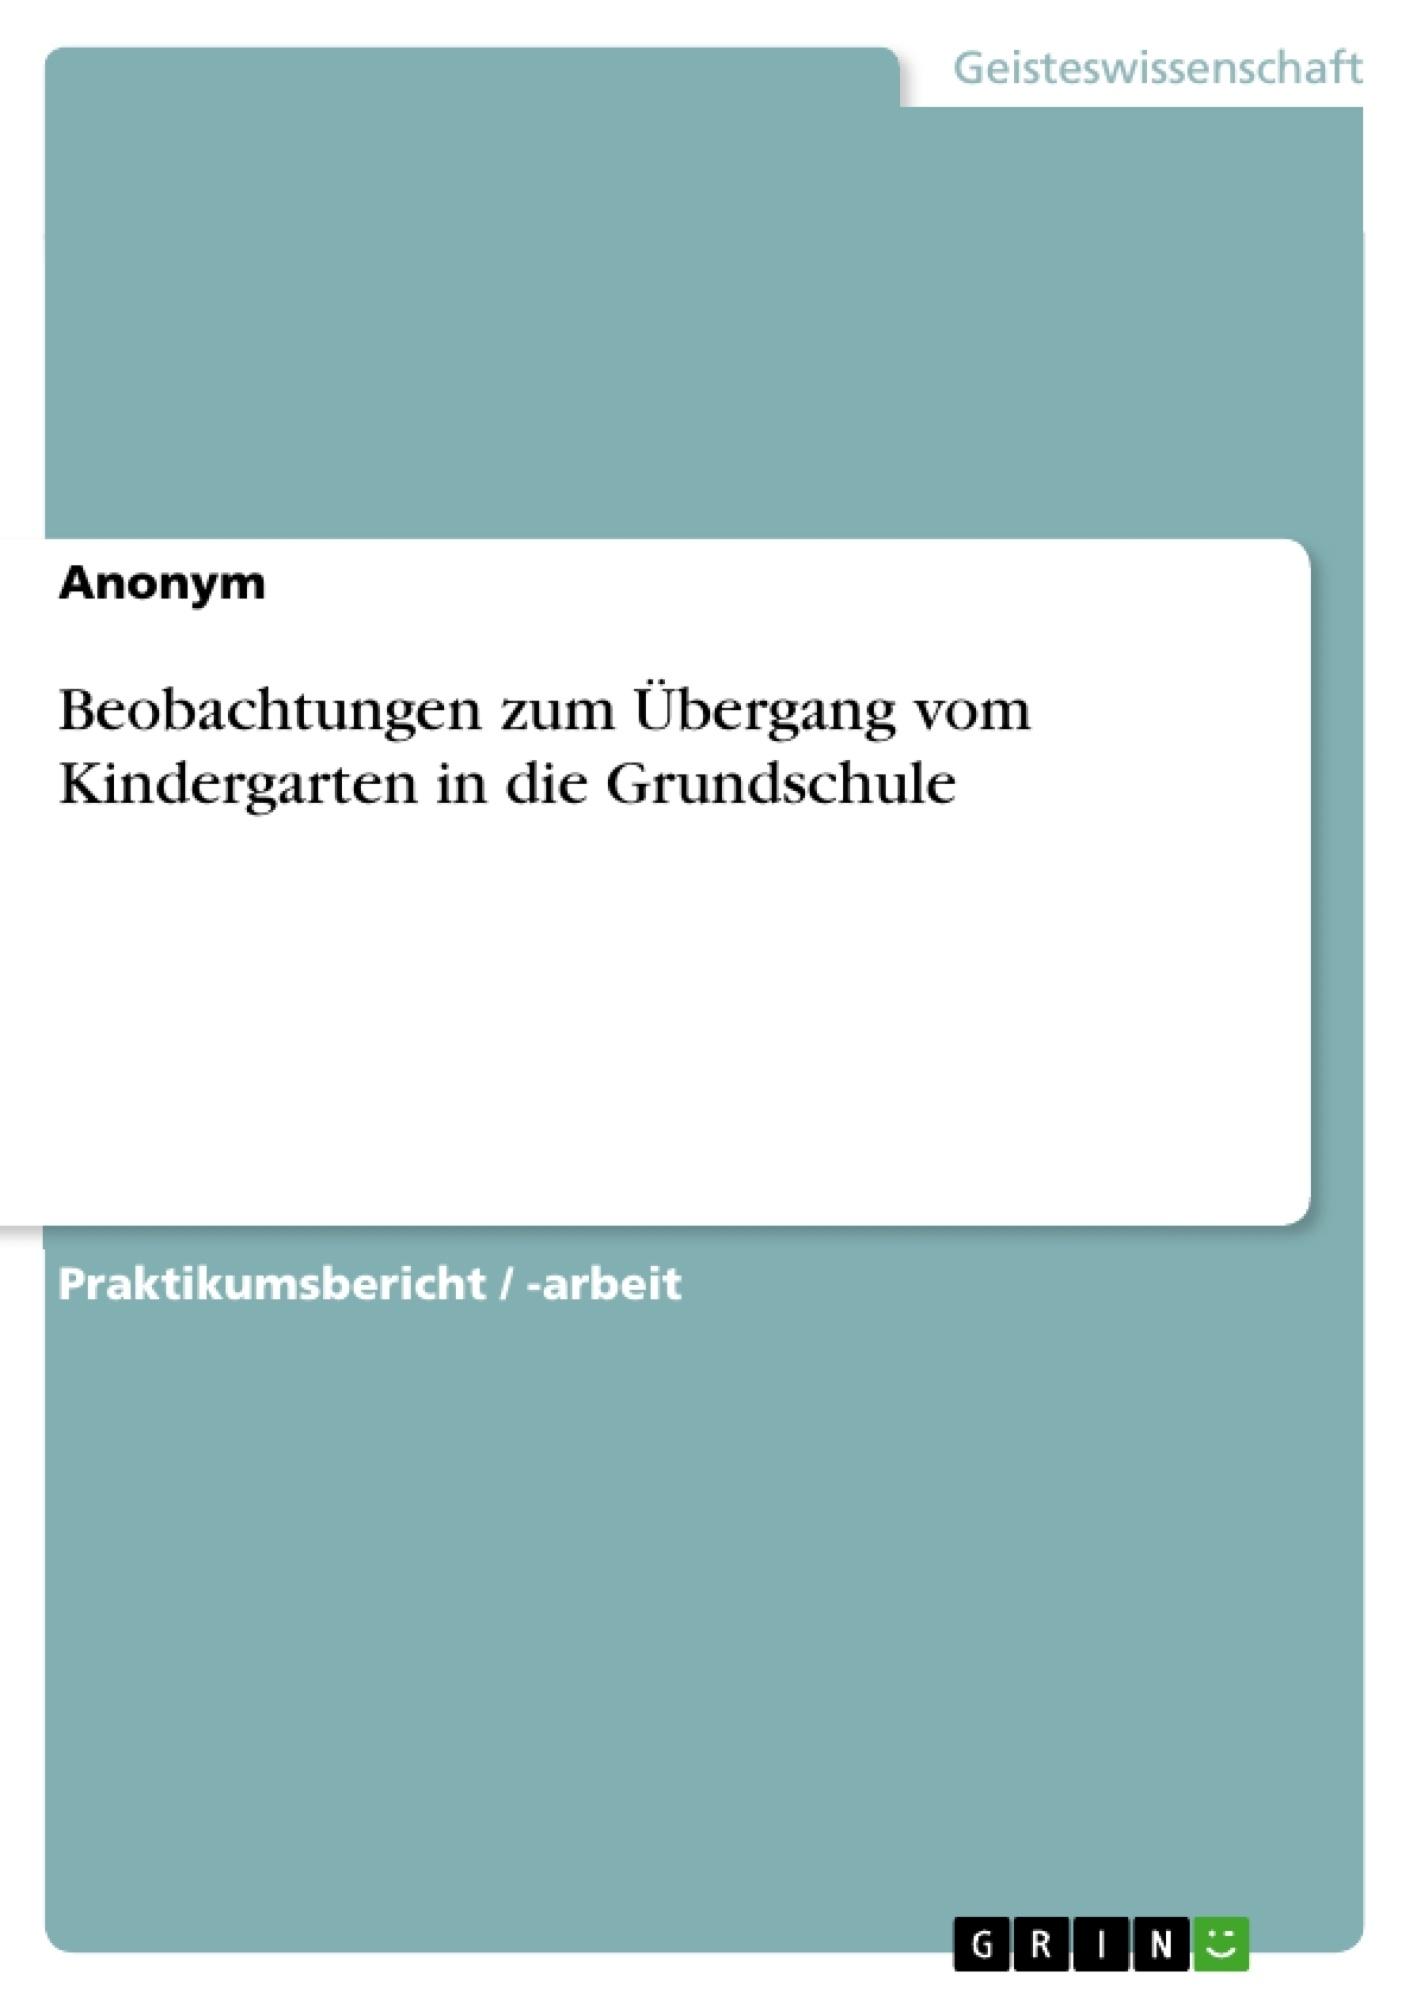 Titel: Beobachtungen zum Übergang vom Kindergarten in die Grundschule